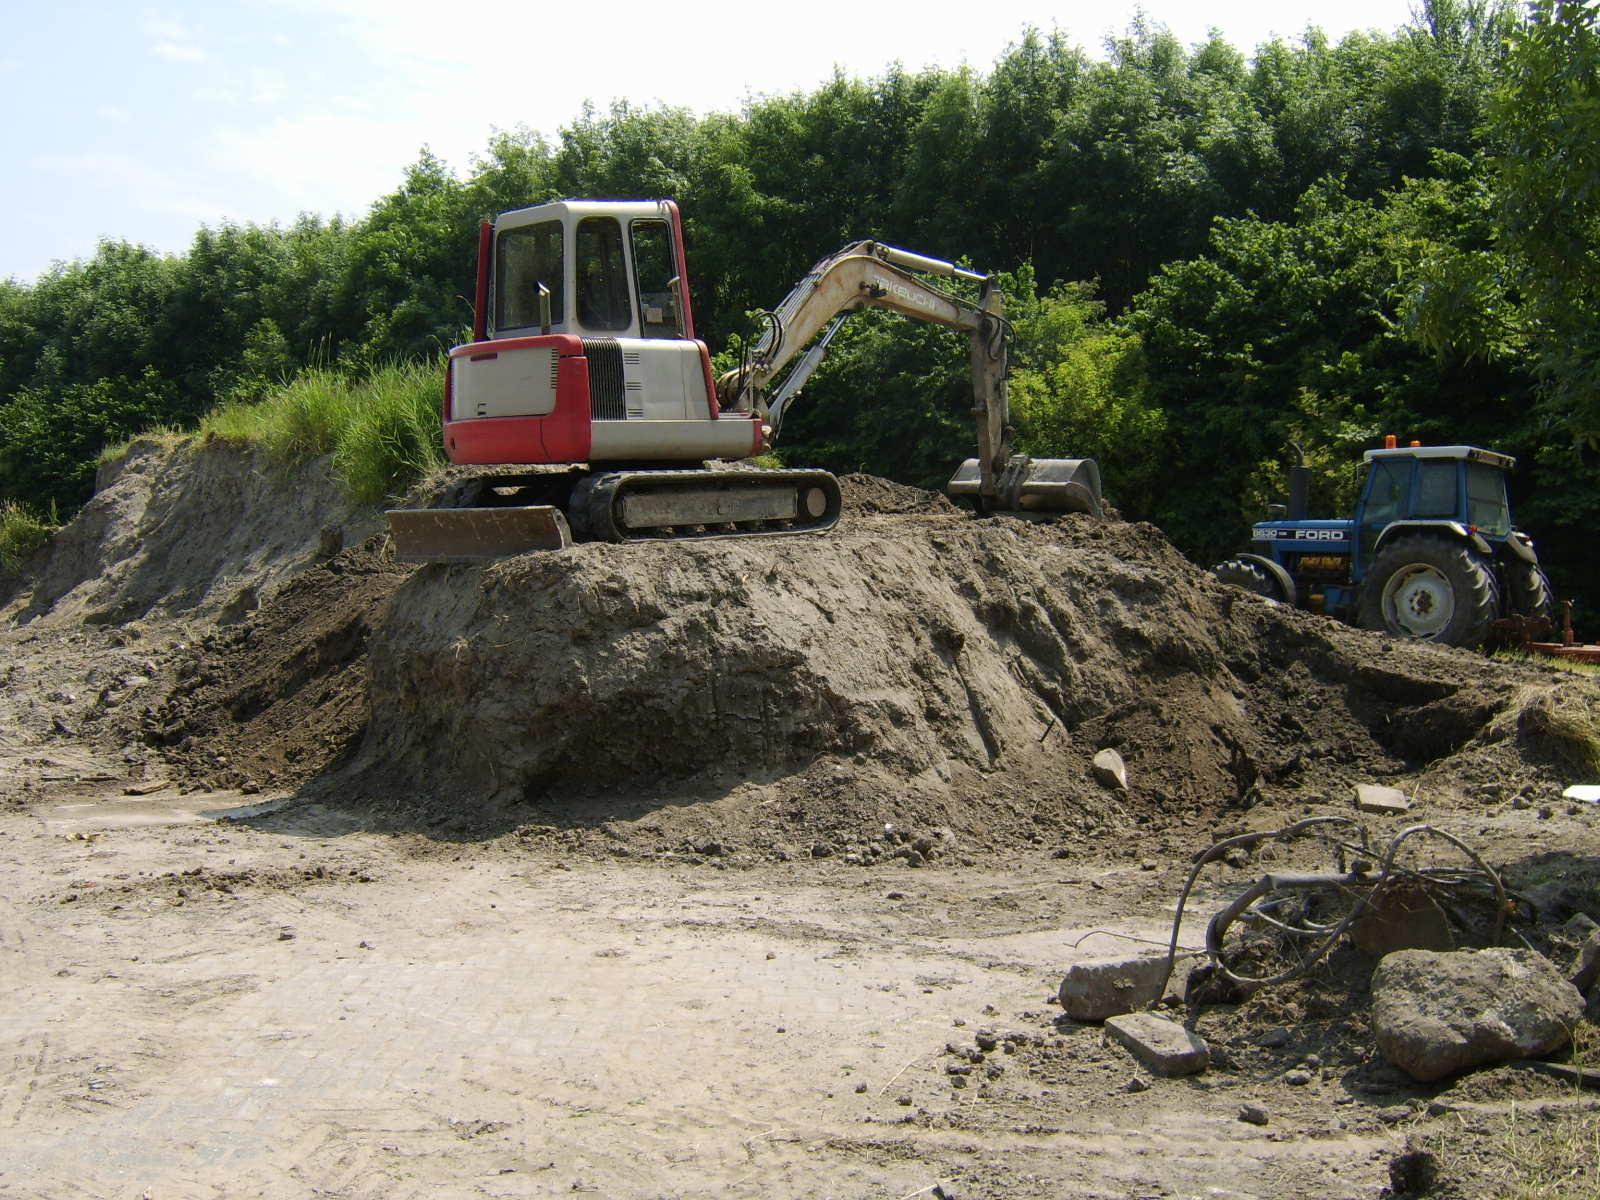 Midi-graver 4.5 ton